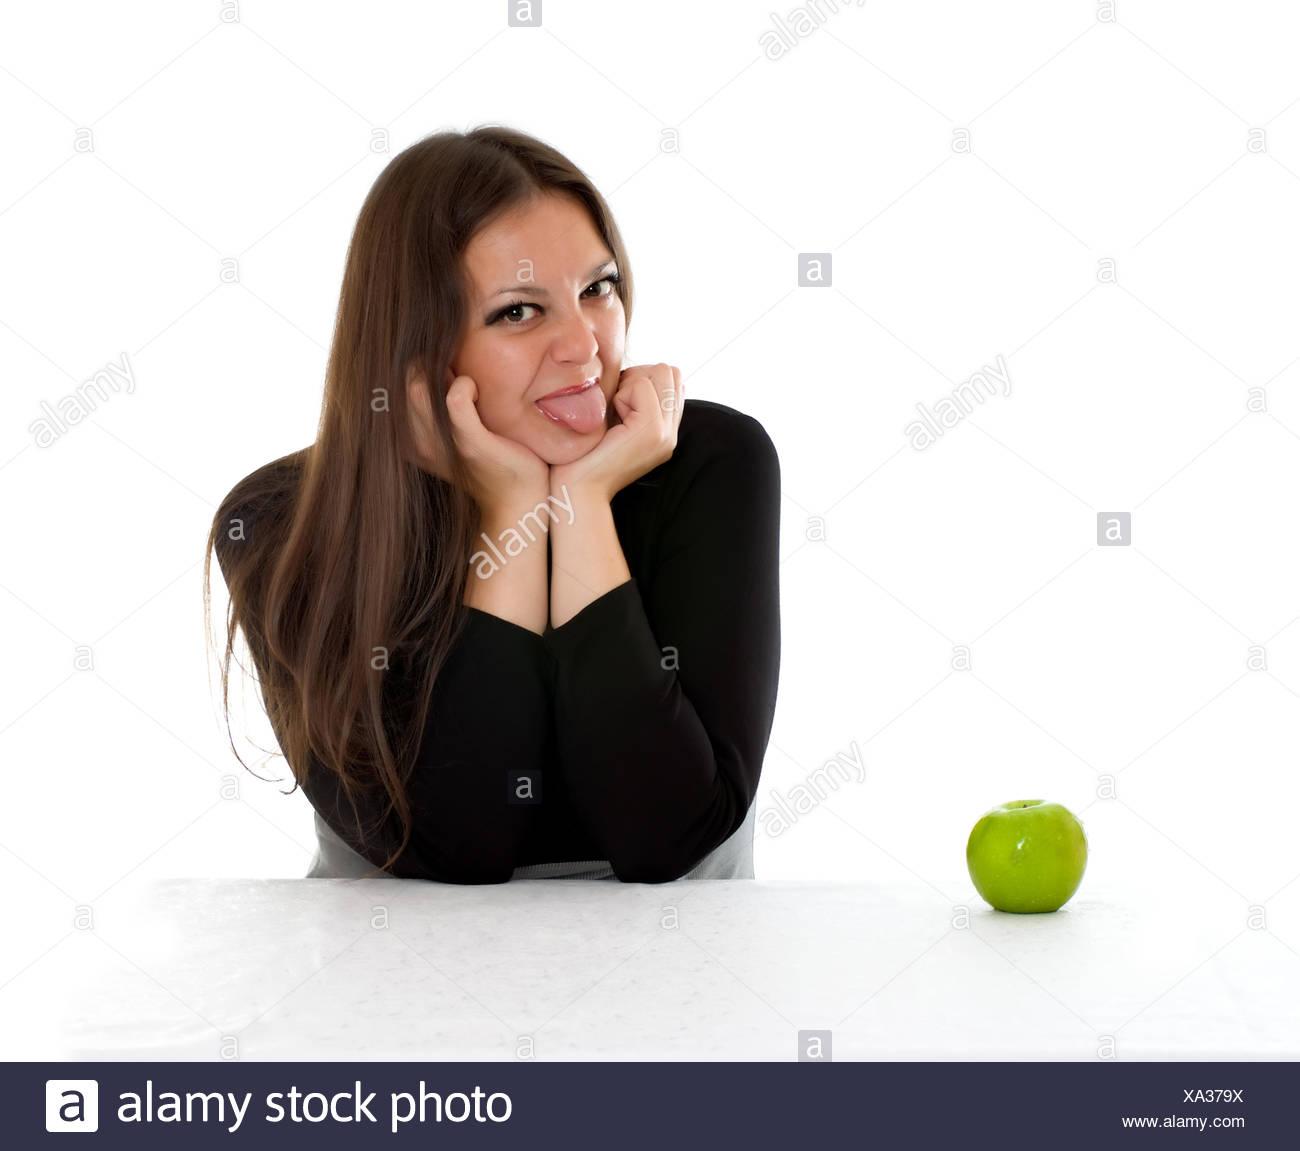 Chica con manzana verde mostrando la lengua Foto de stock